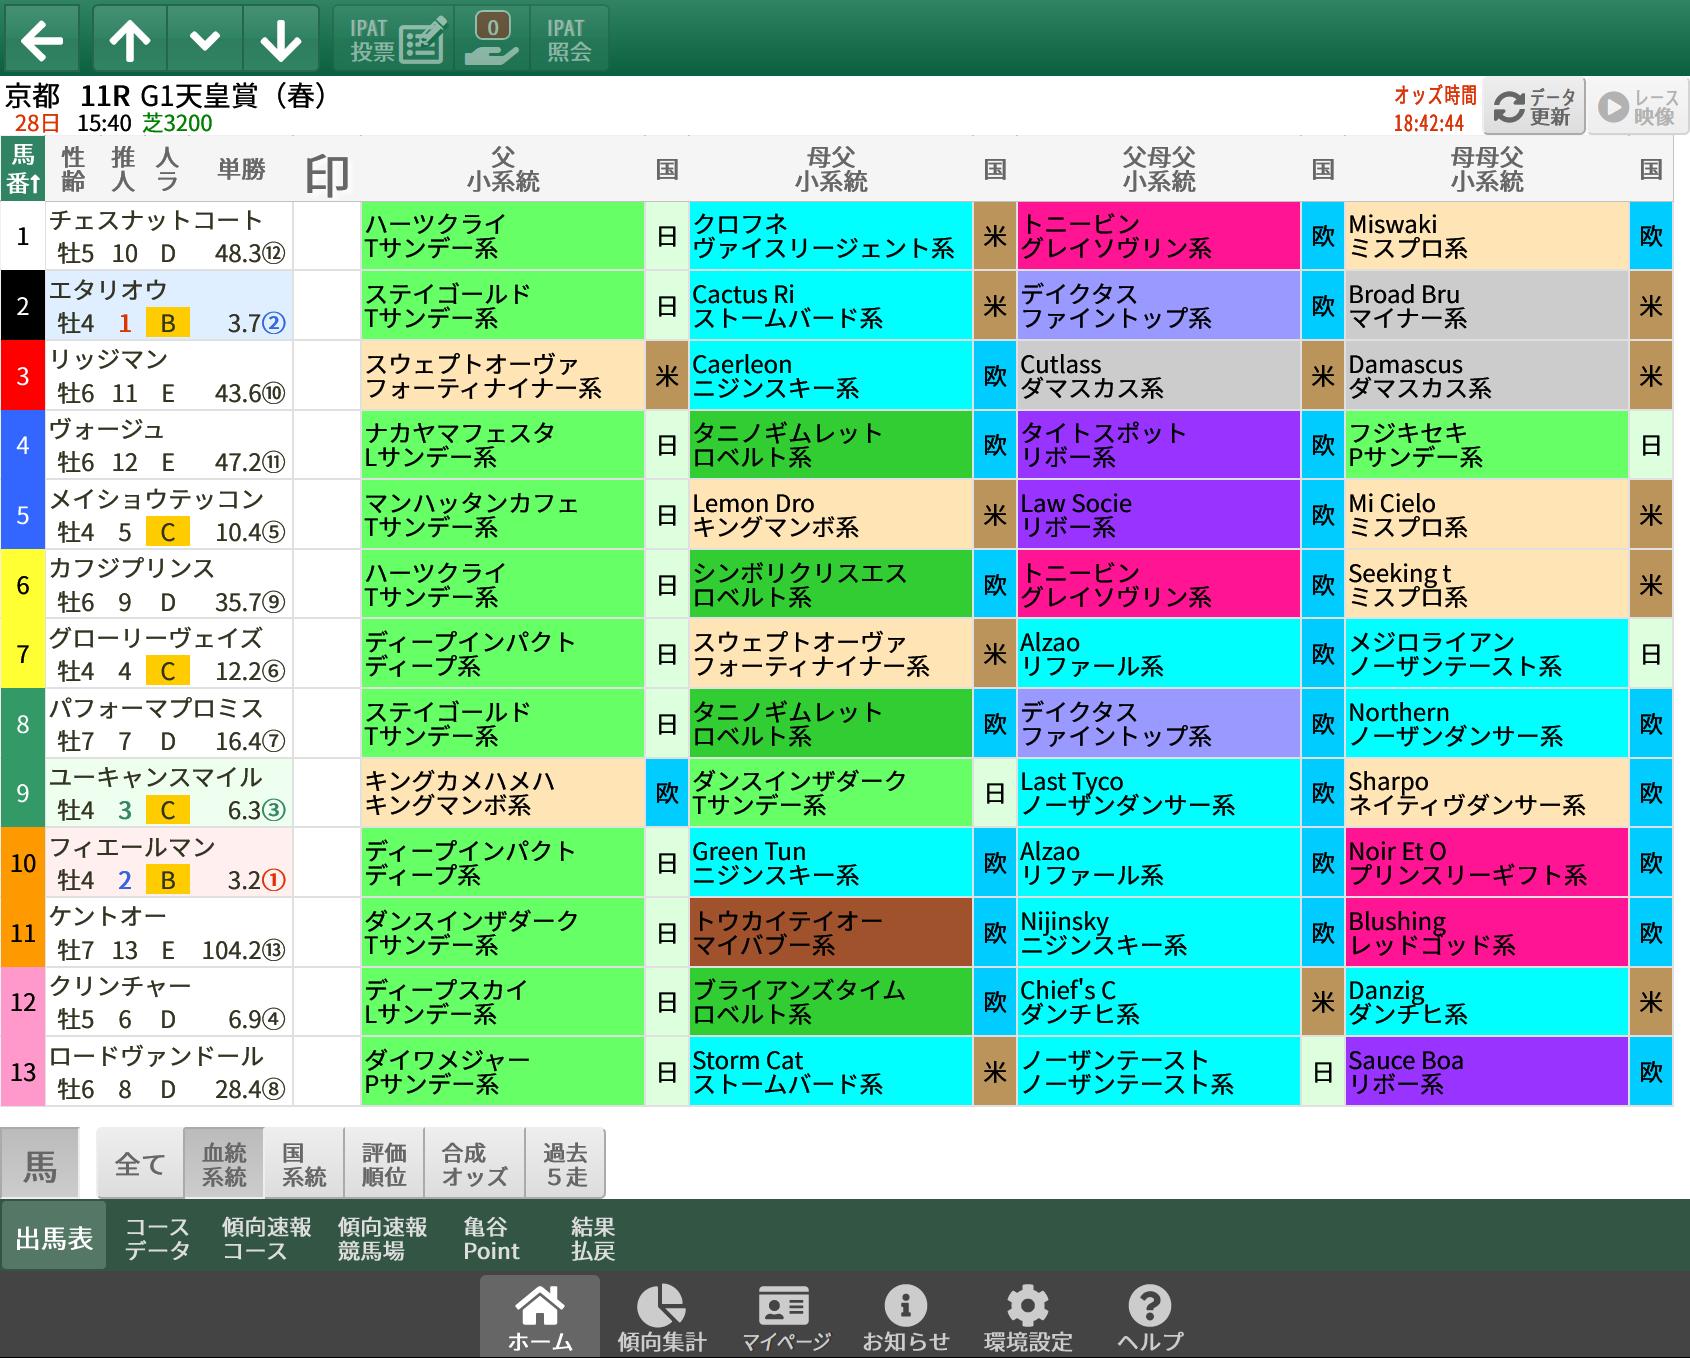 【無料公開】天皇賞・春 / 亀谷サロン限定公開中のスマート出馬表・次期バージョン